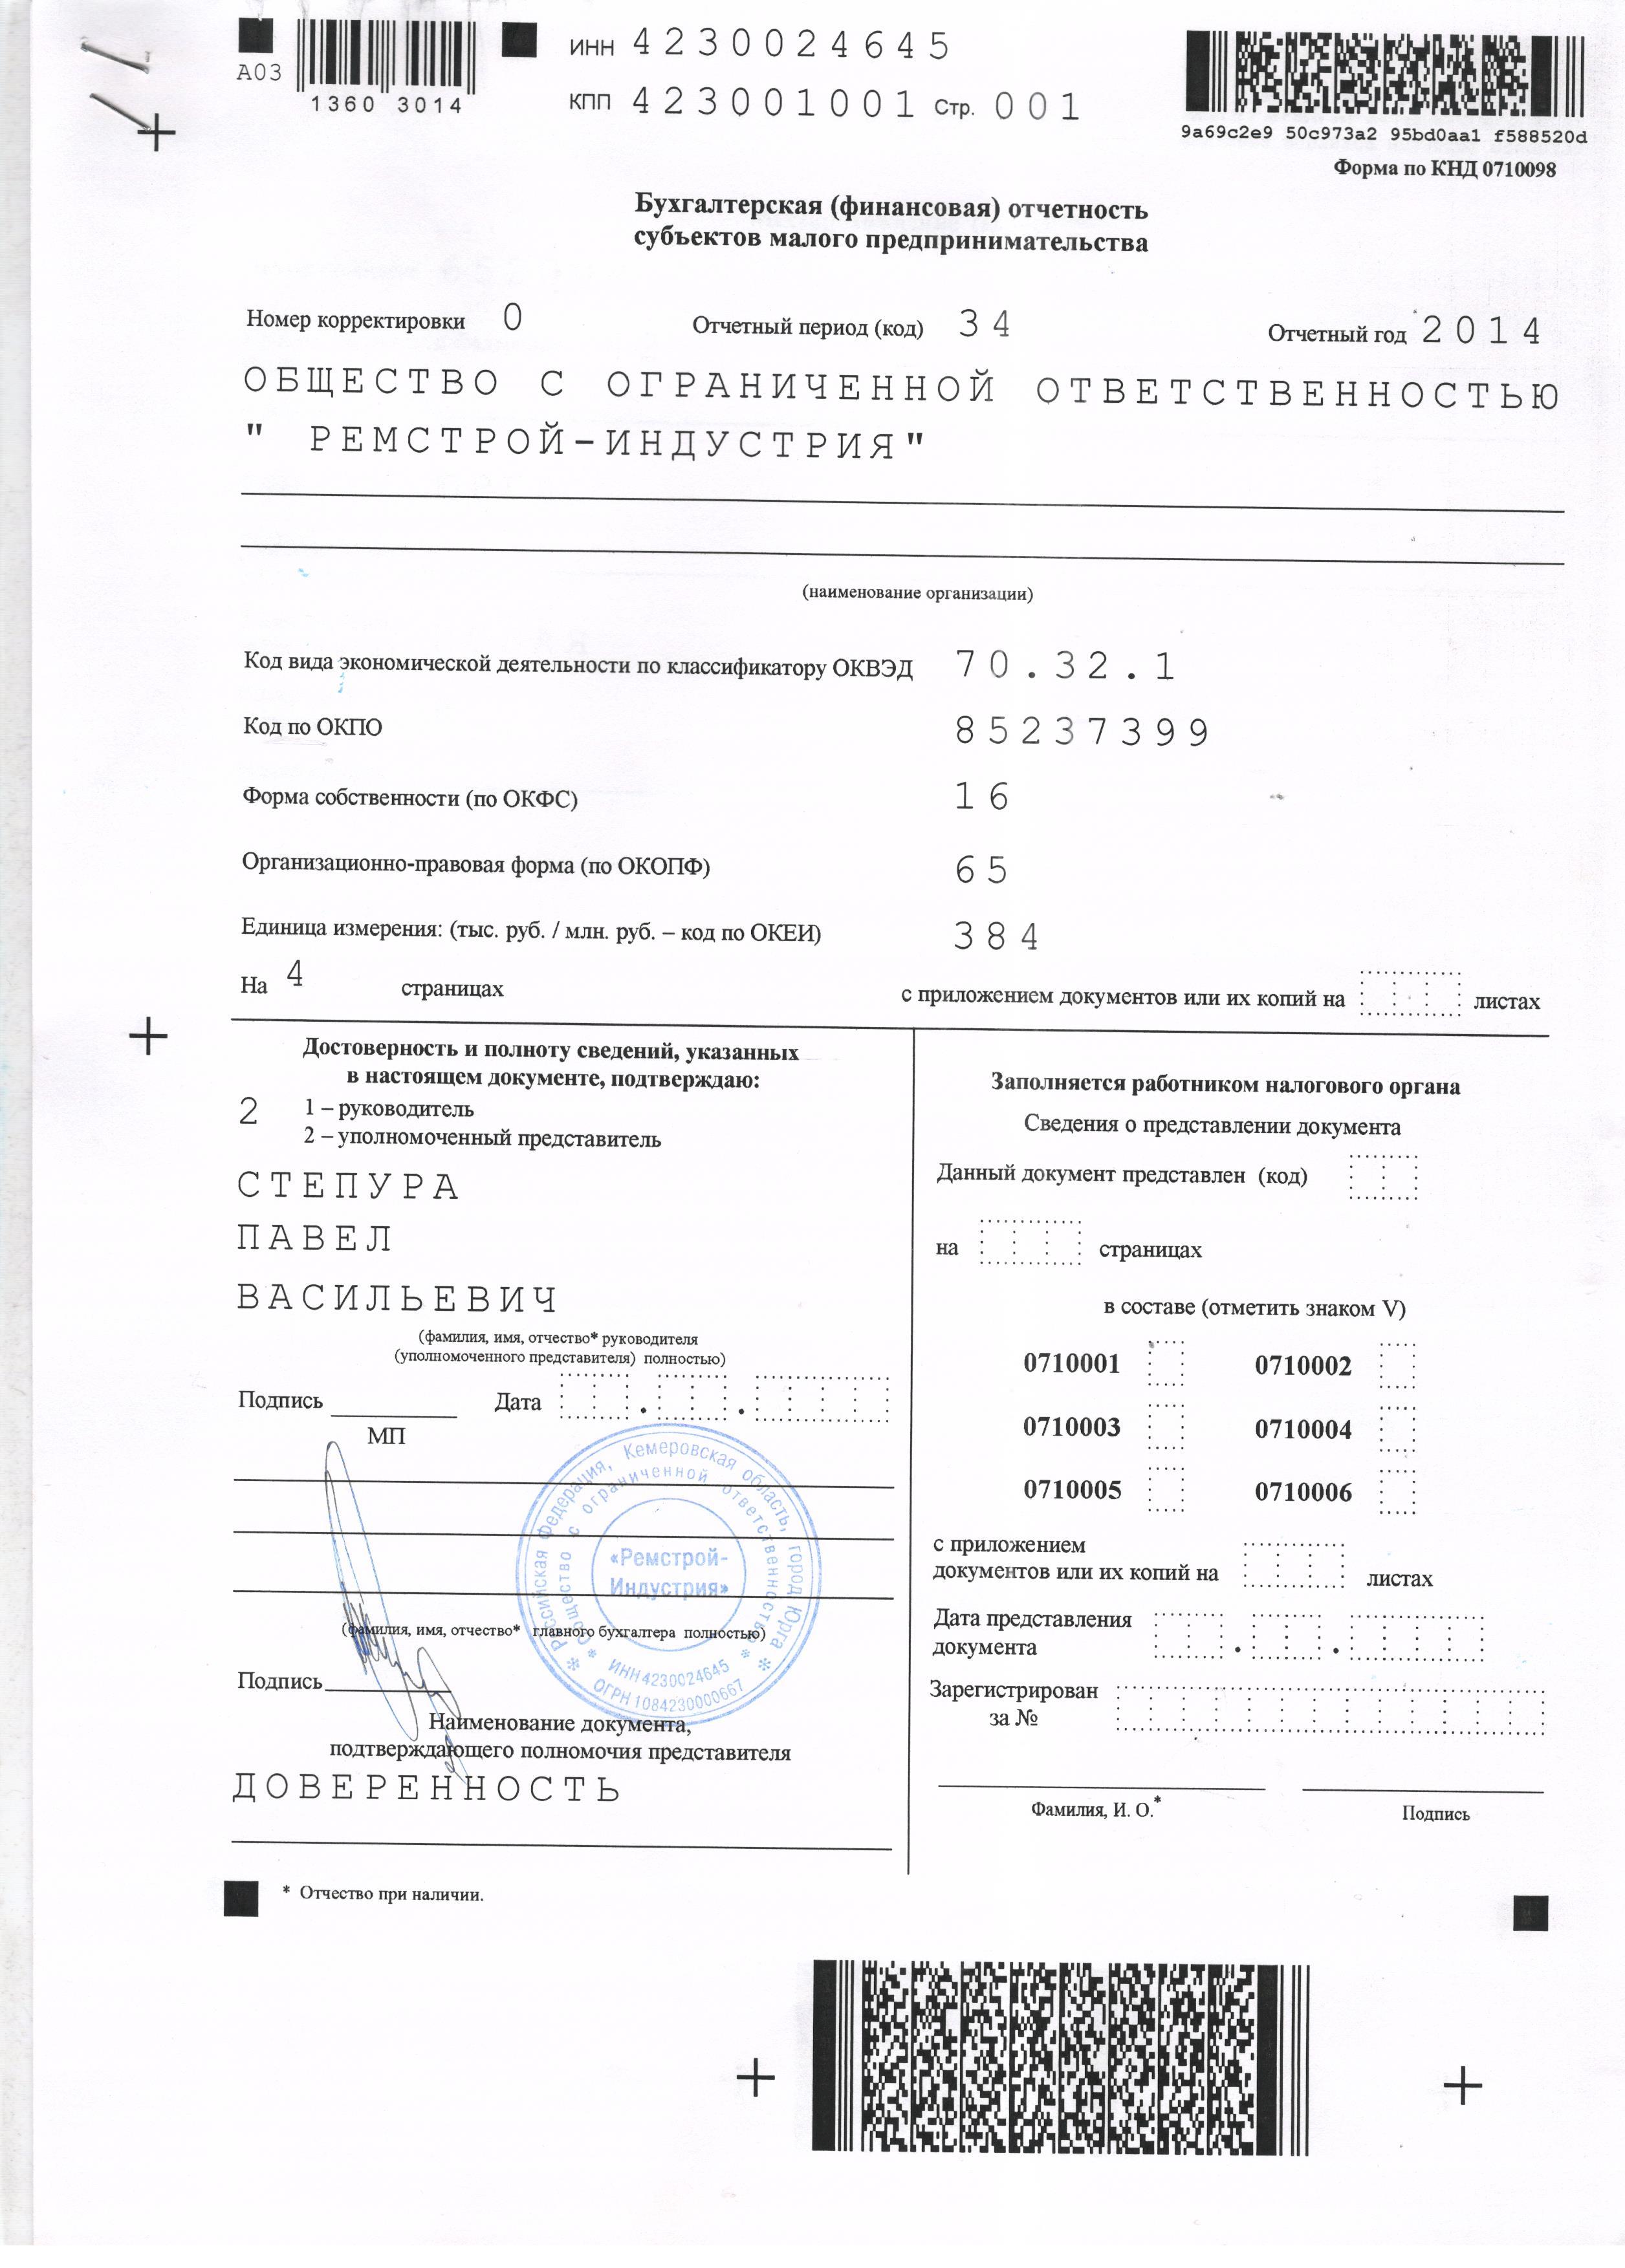 БУХГАЛТЕРСКИЙ БАЛАНС КНД 0710098 СКАЧАТЬ БЕСПЛАТНО